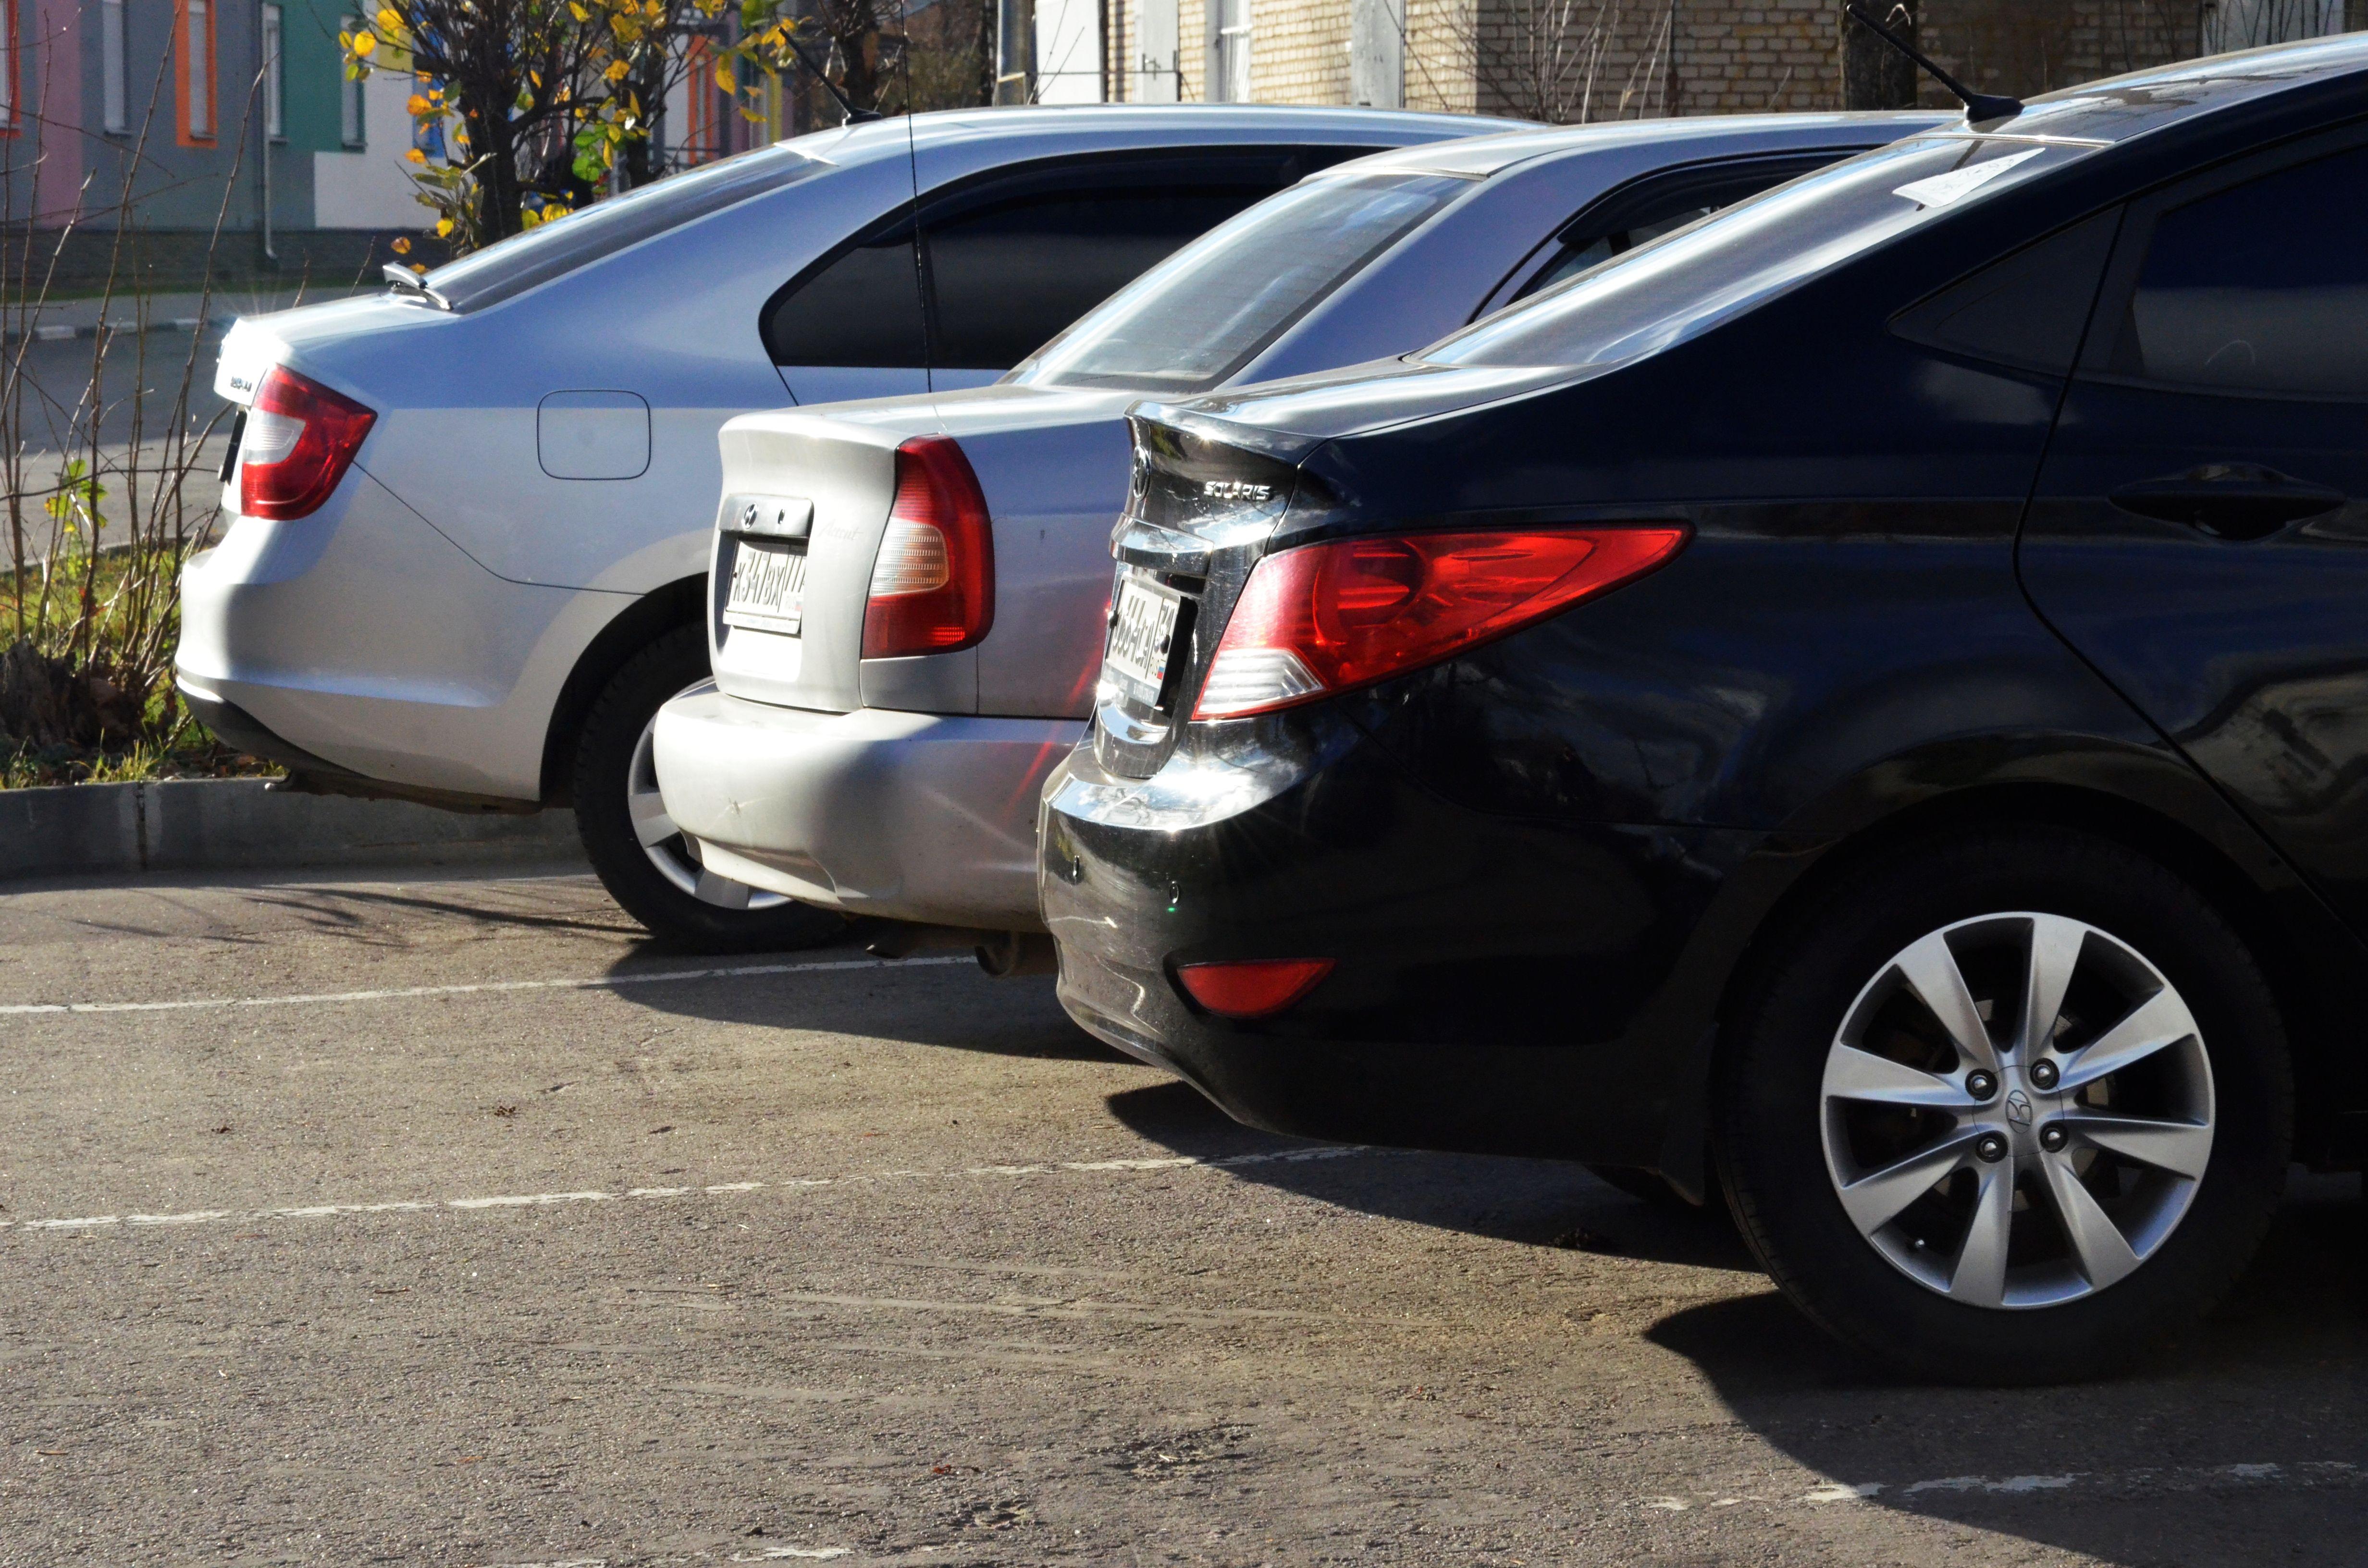 Автомобилистам напомнили о продлении парковочных абонементов